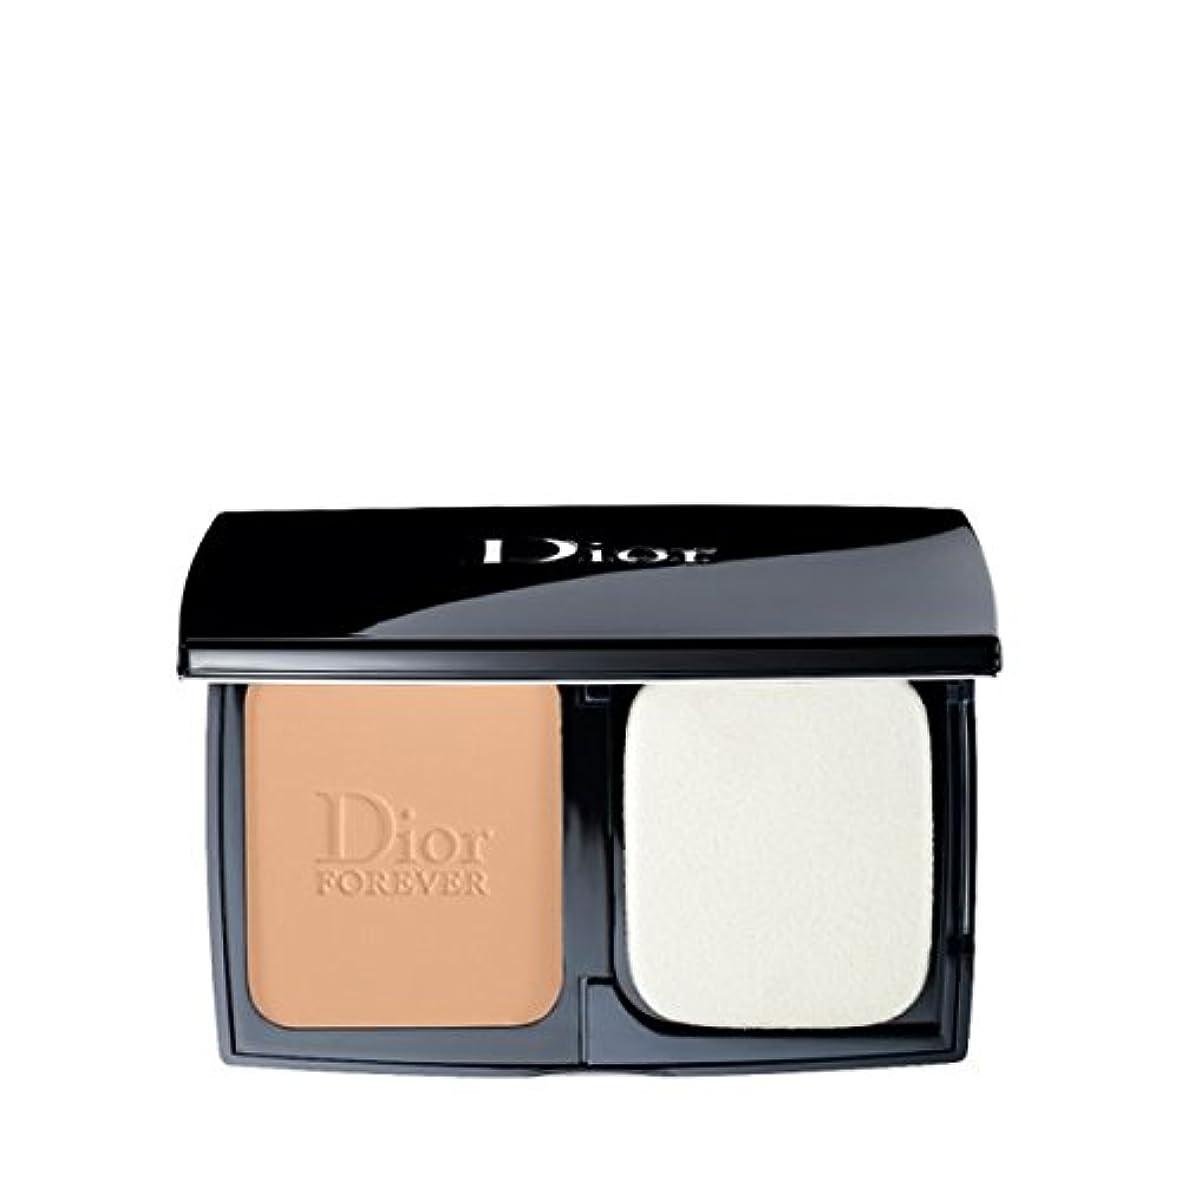 地域の騒ぎ省Dior(ディオール) ディオールスキン フォーエヴァー コンパクト エクストレム コントロール (#030:ミディアム ベージュ)